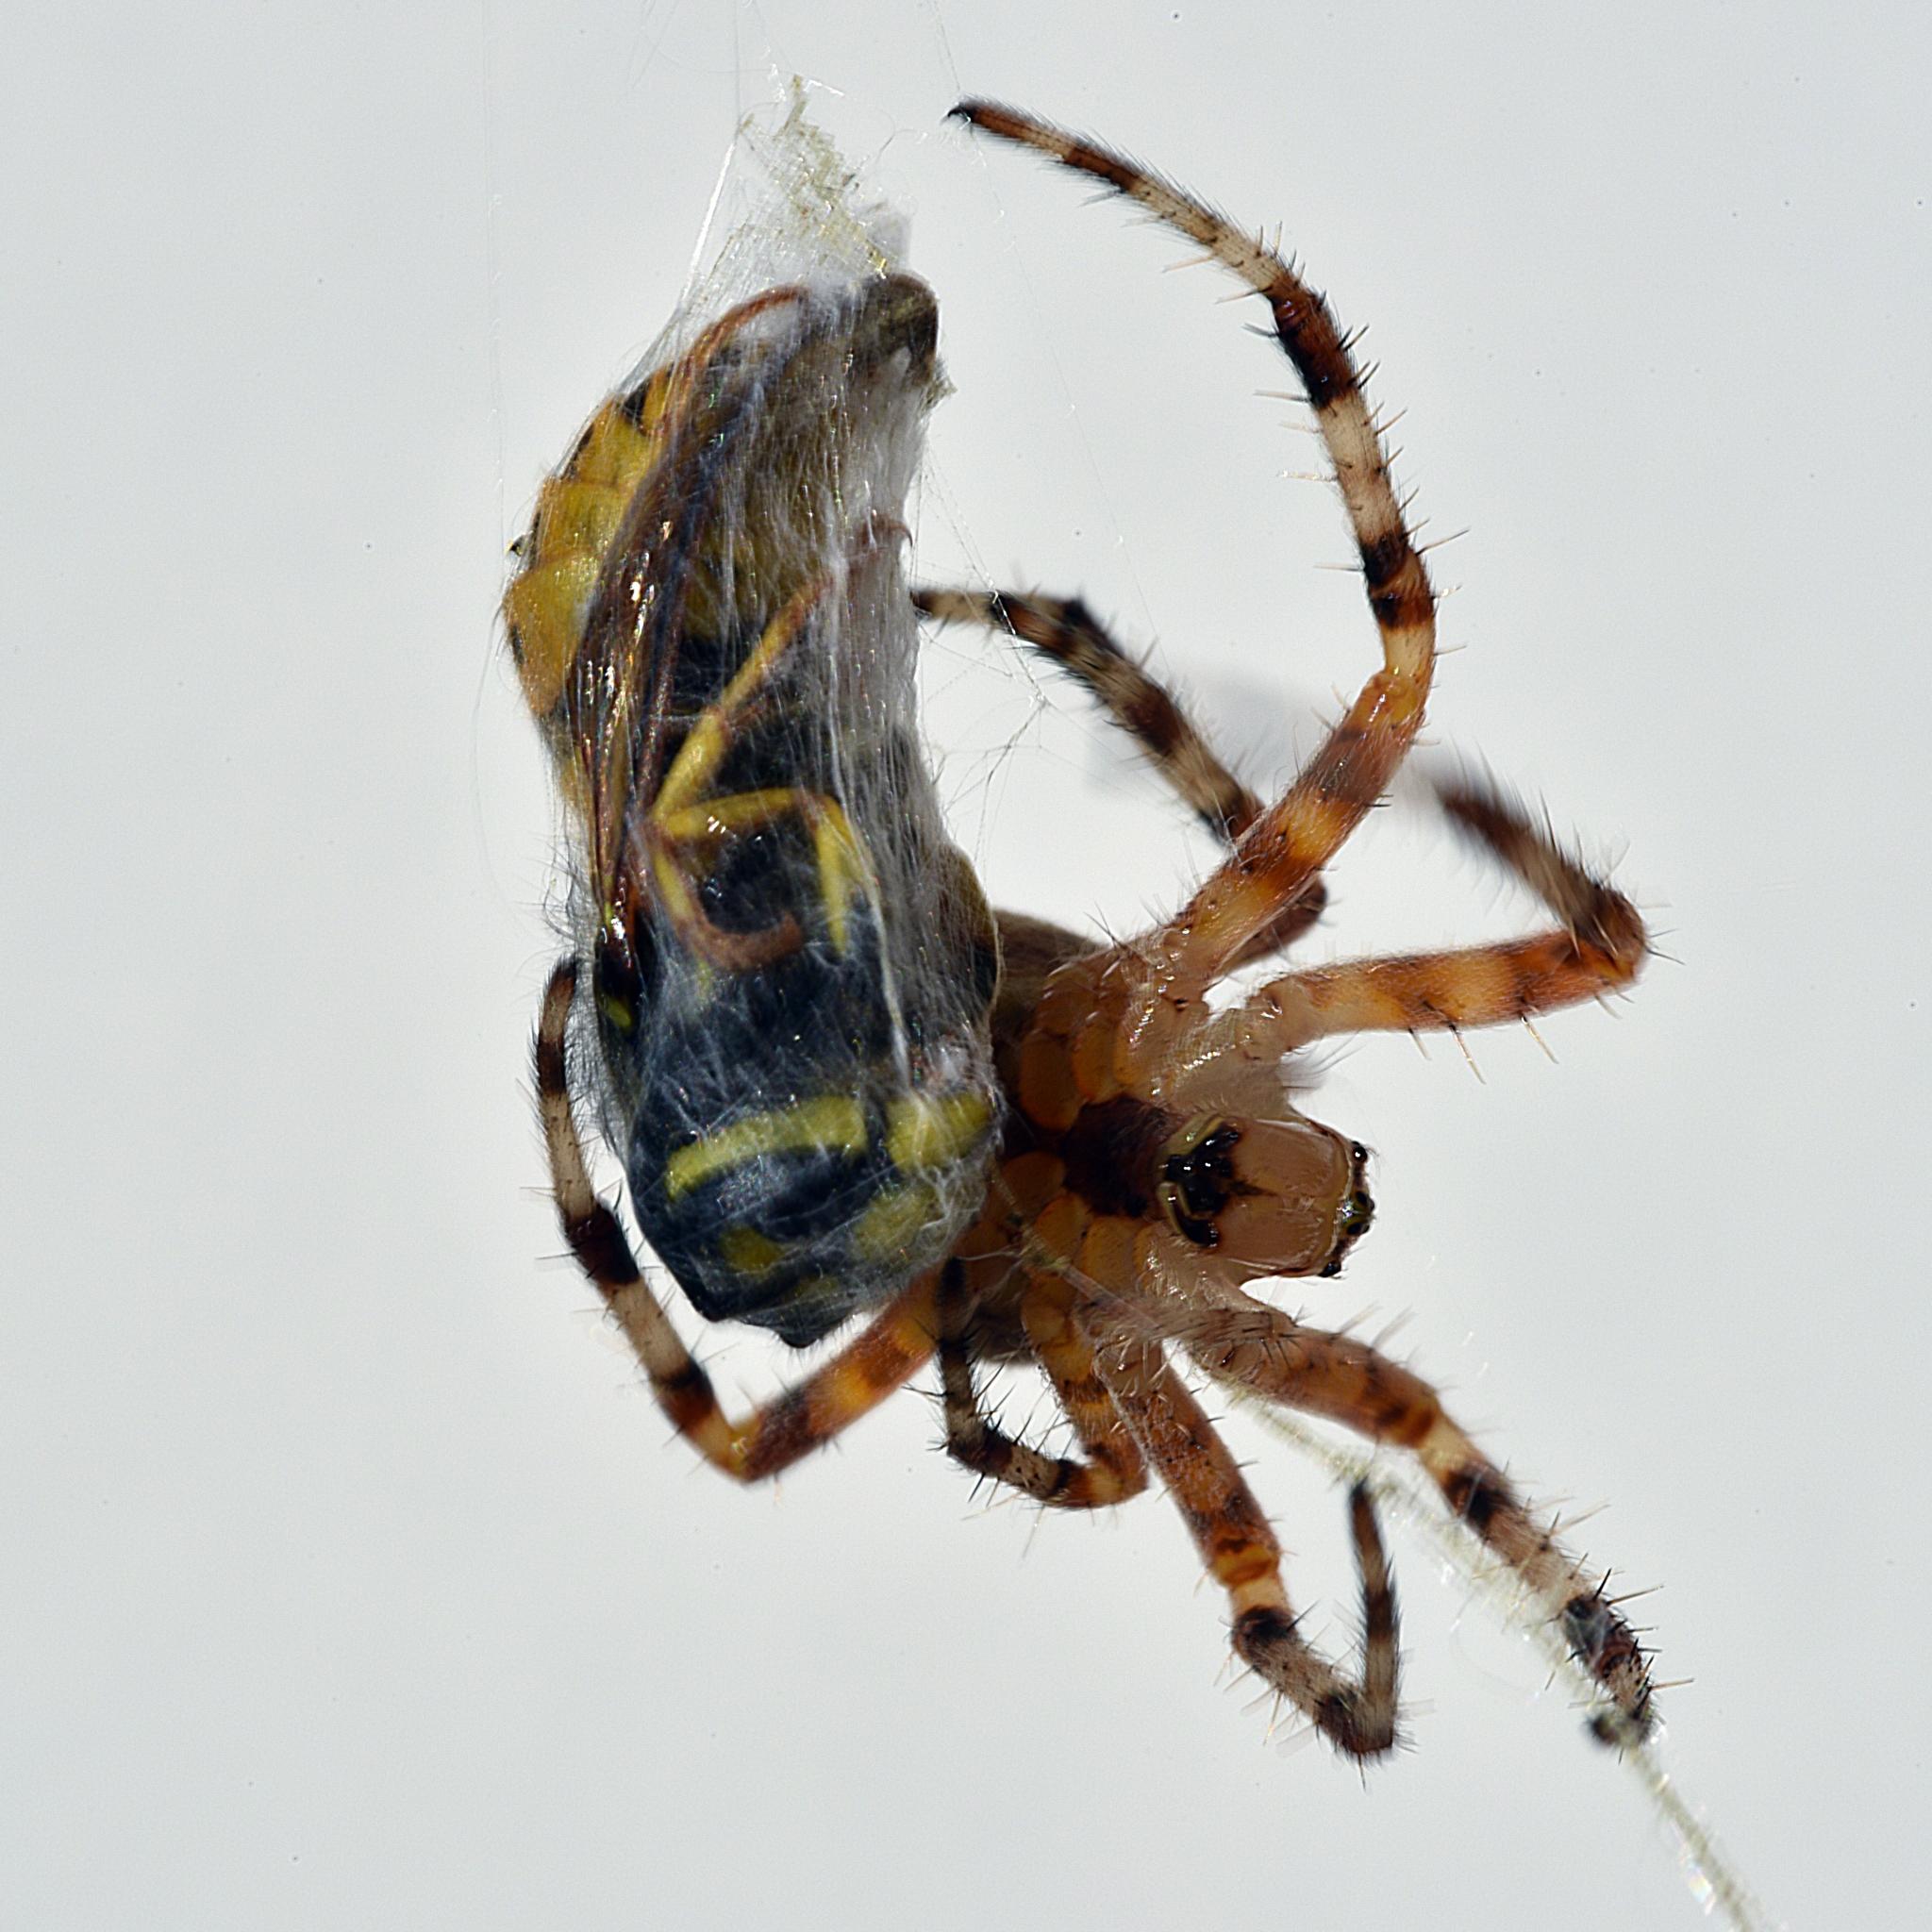 BAUER Jean-Maurice - Expo 2018 - Projection 2 - L'araignée porte-croix avec sa victime